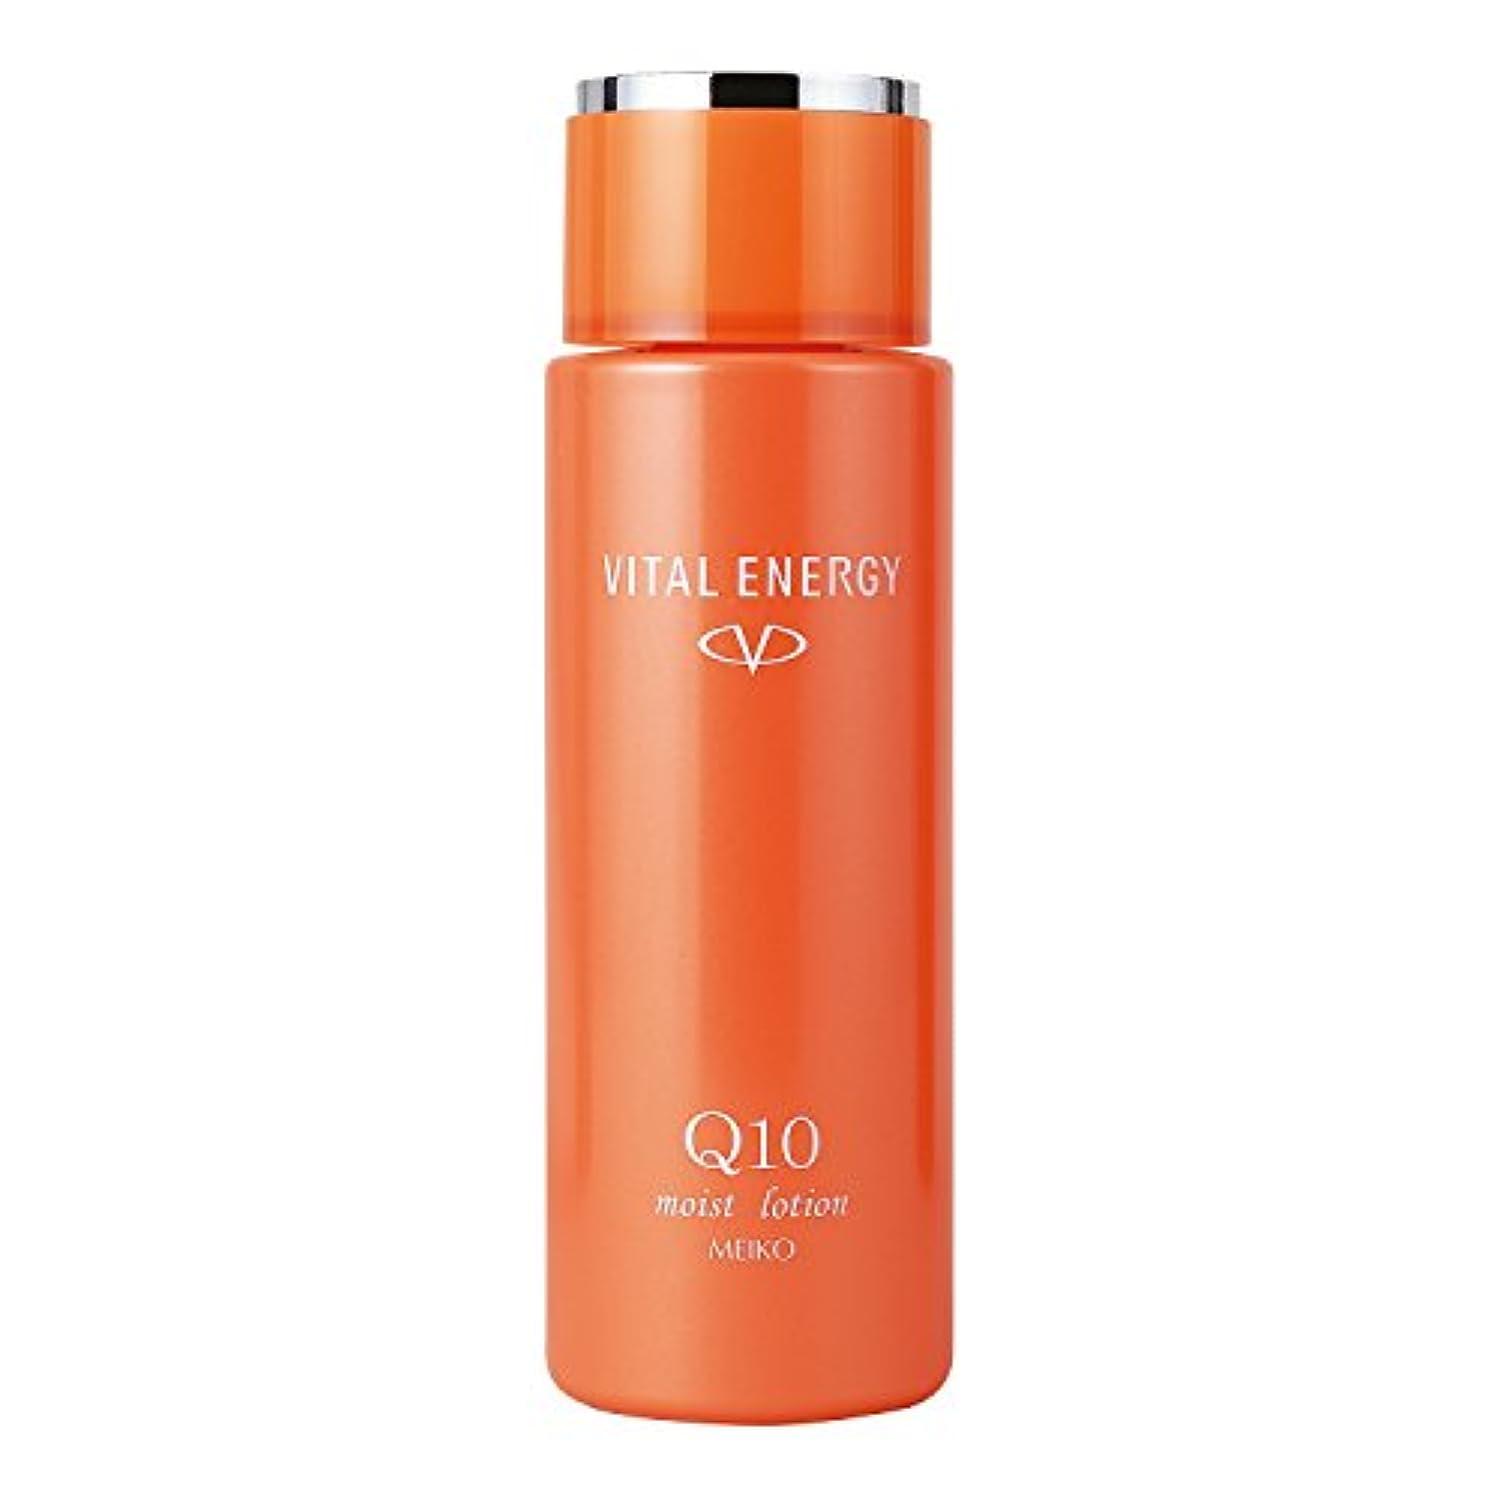 急降下気づかない気配りのある化粧水 モイストローション ( 保湿化粧水 ローション コエンザイム Q10 ヒアル口ン酸 乾燥 ハリ )【 バイタルエナジー 】